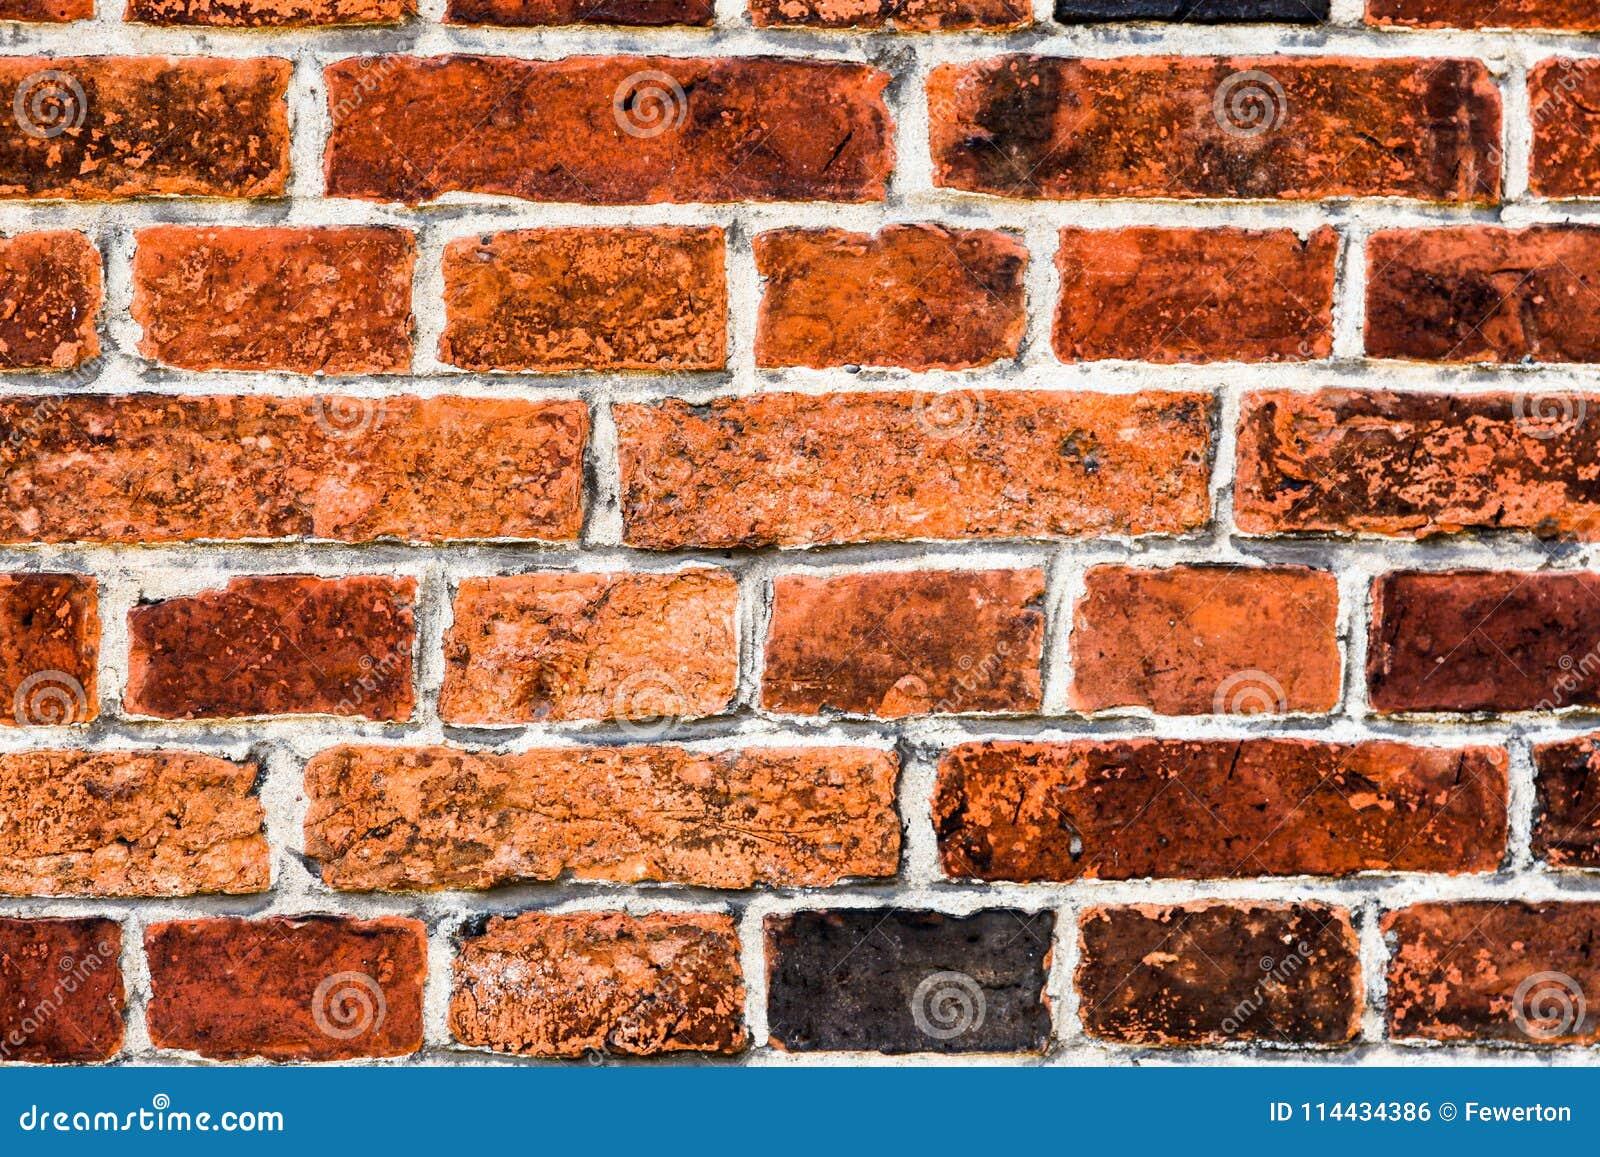 Détail du vieux et superficiel par les agents mur de briques rouge sale marqué par la longue exposition aux éléments comme fond d